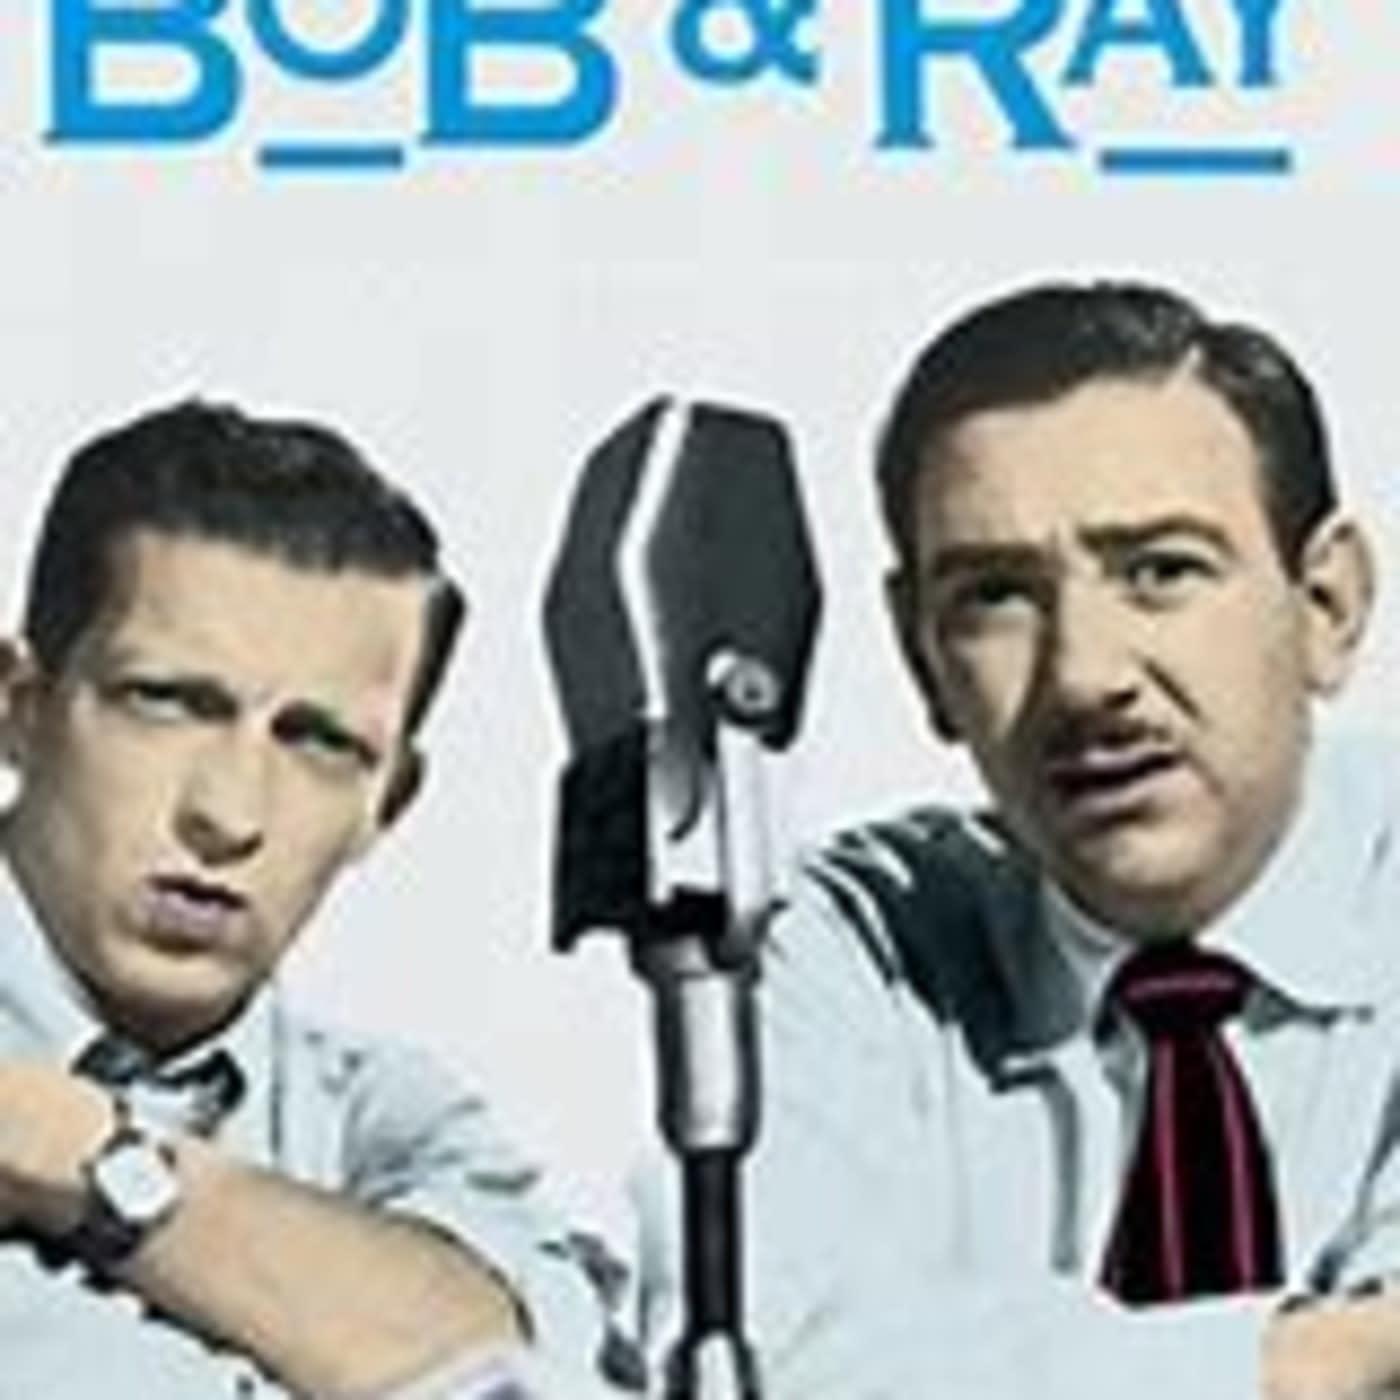 Bob and Ray Show 600405 Steve Bosco From Flo - 240